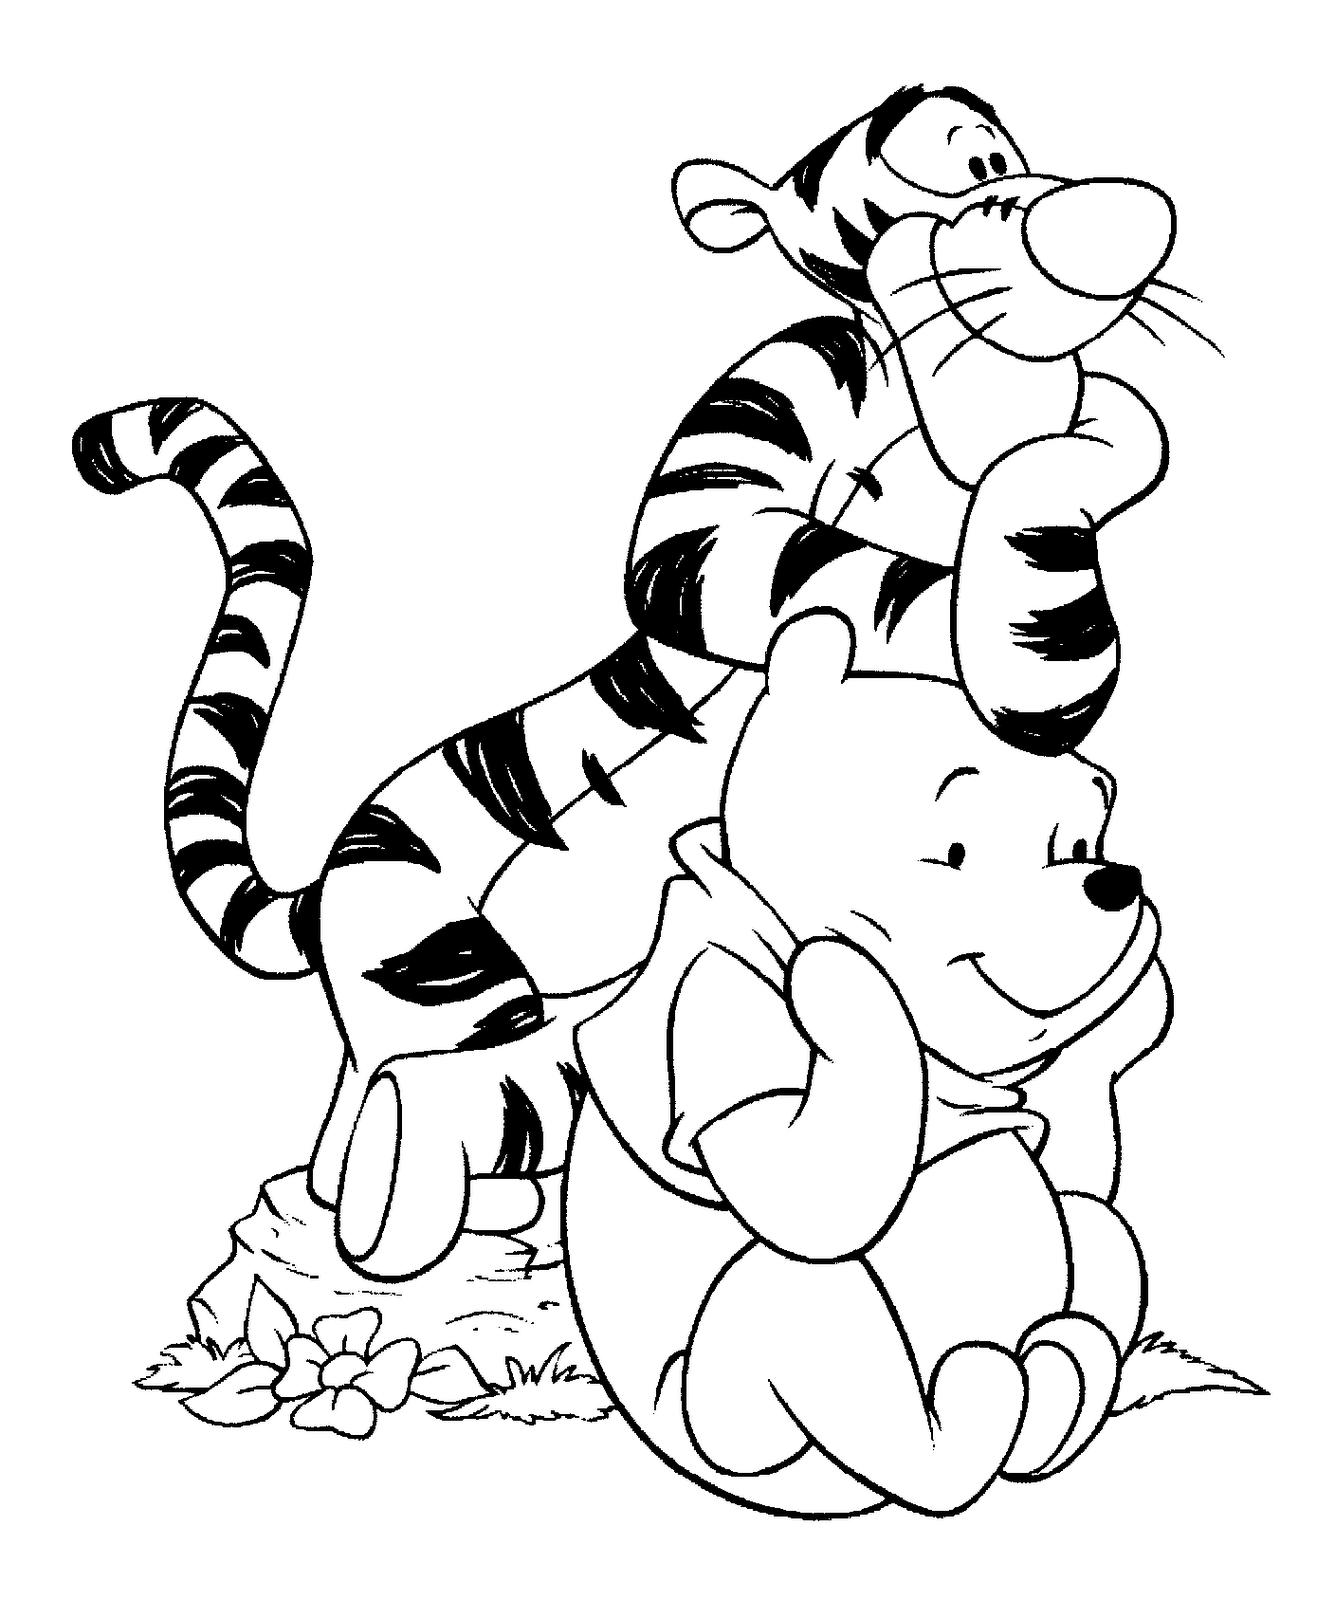 Dibujos Animados Para Colorear Free Image